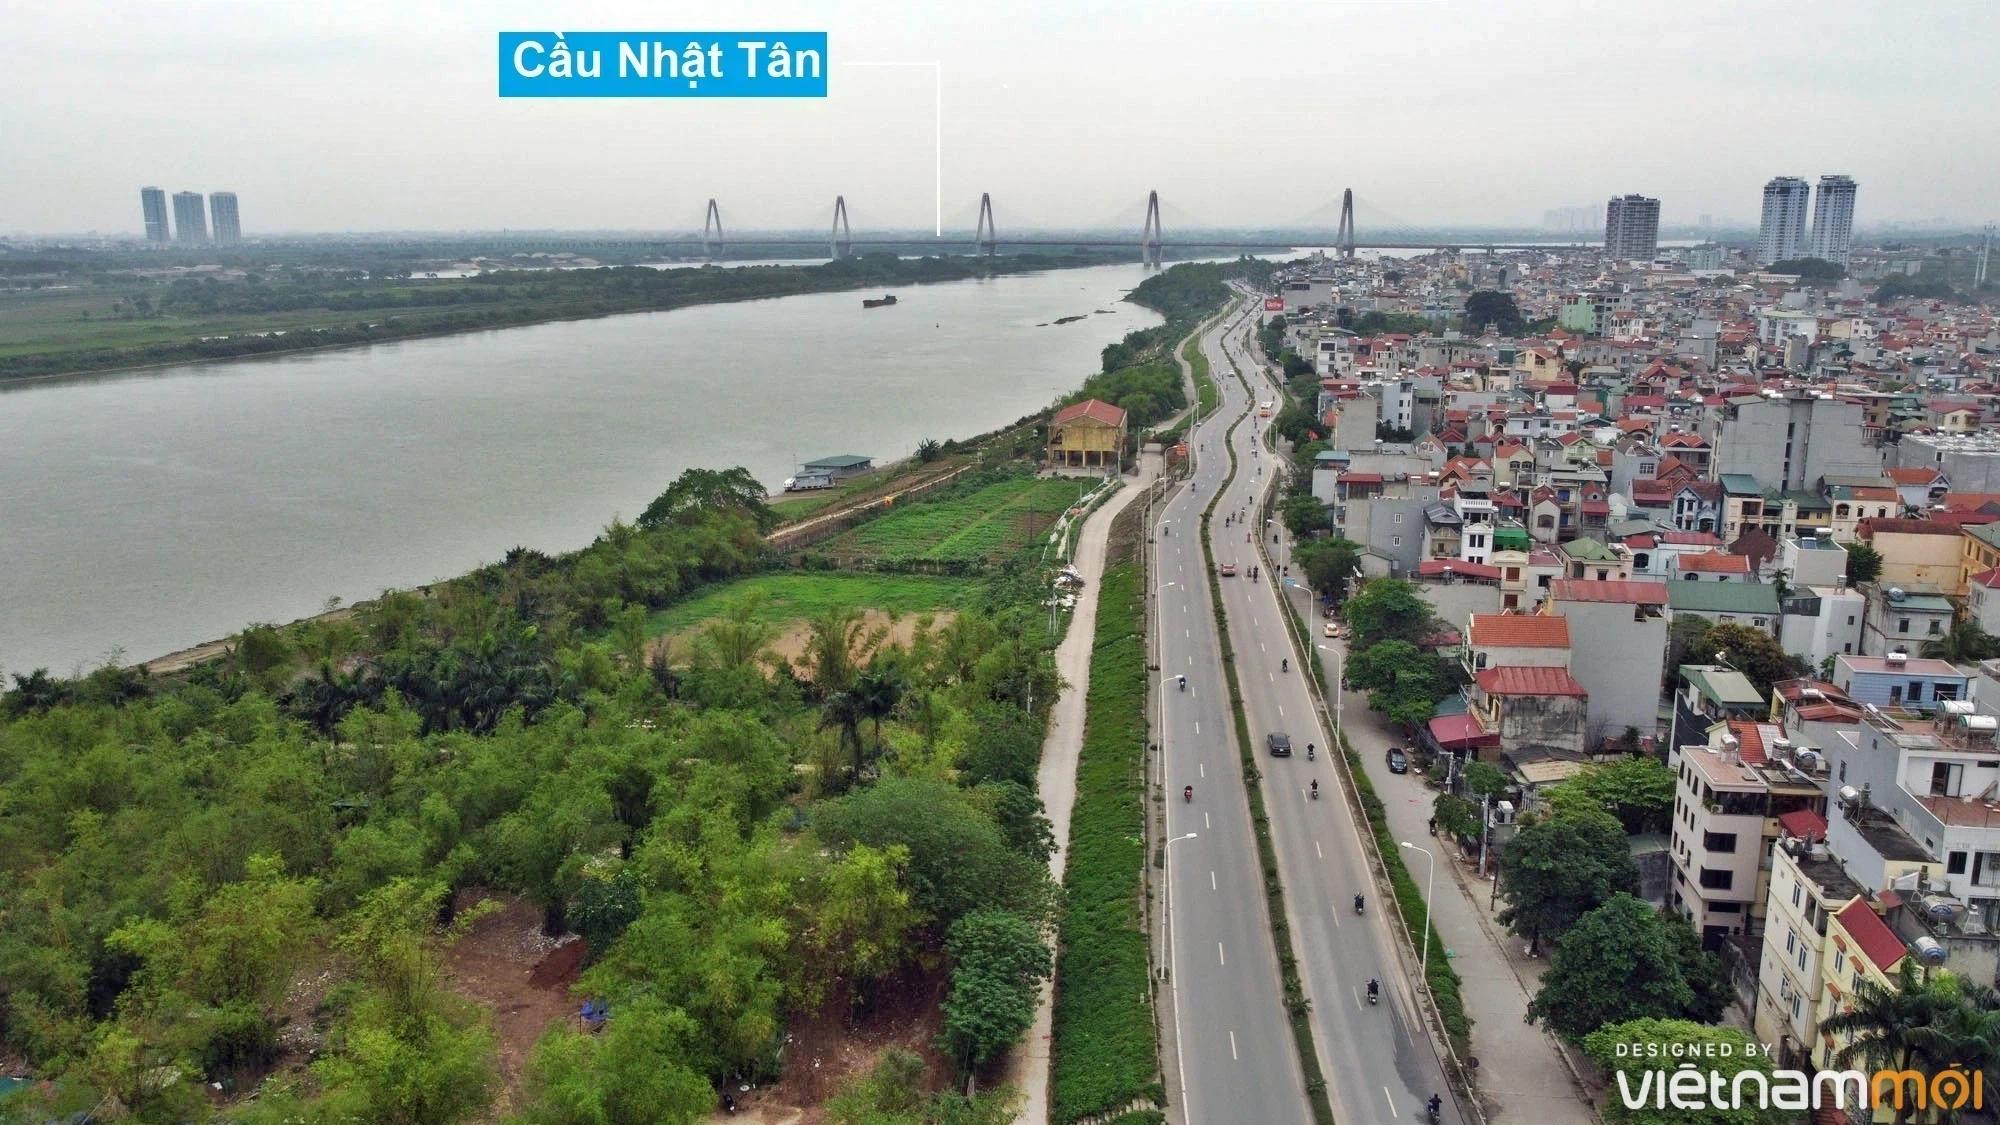 Toàn cảnh hiện trạng Phân khu đô thị sông Hồng trên địa bàn quận Tây Hồ - Ảnh 7.